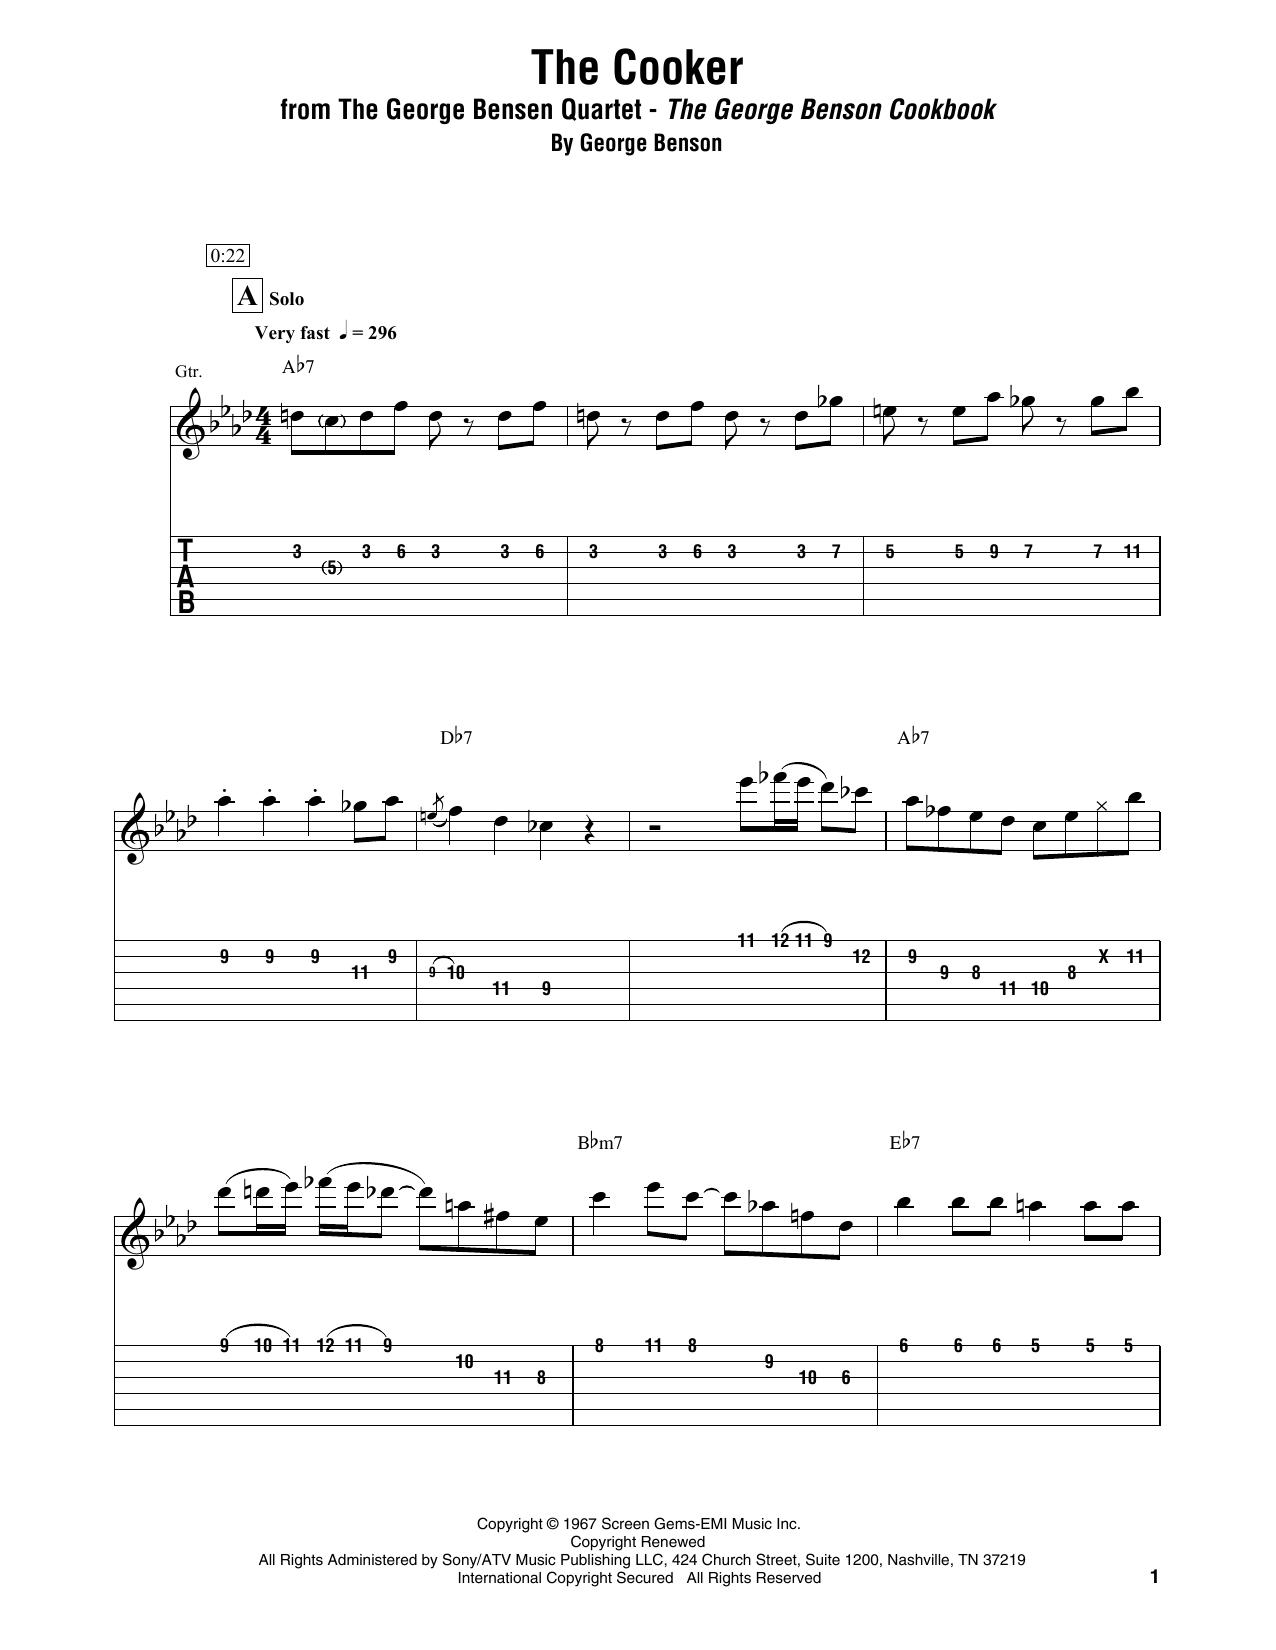 The Cooker Sheet Music